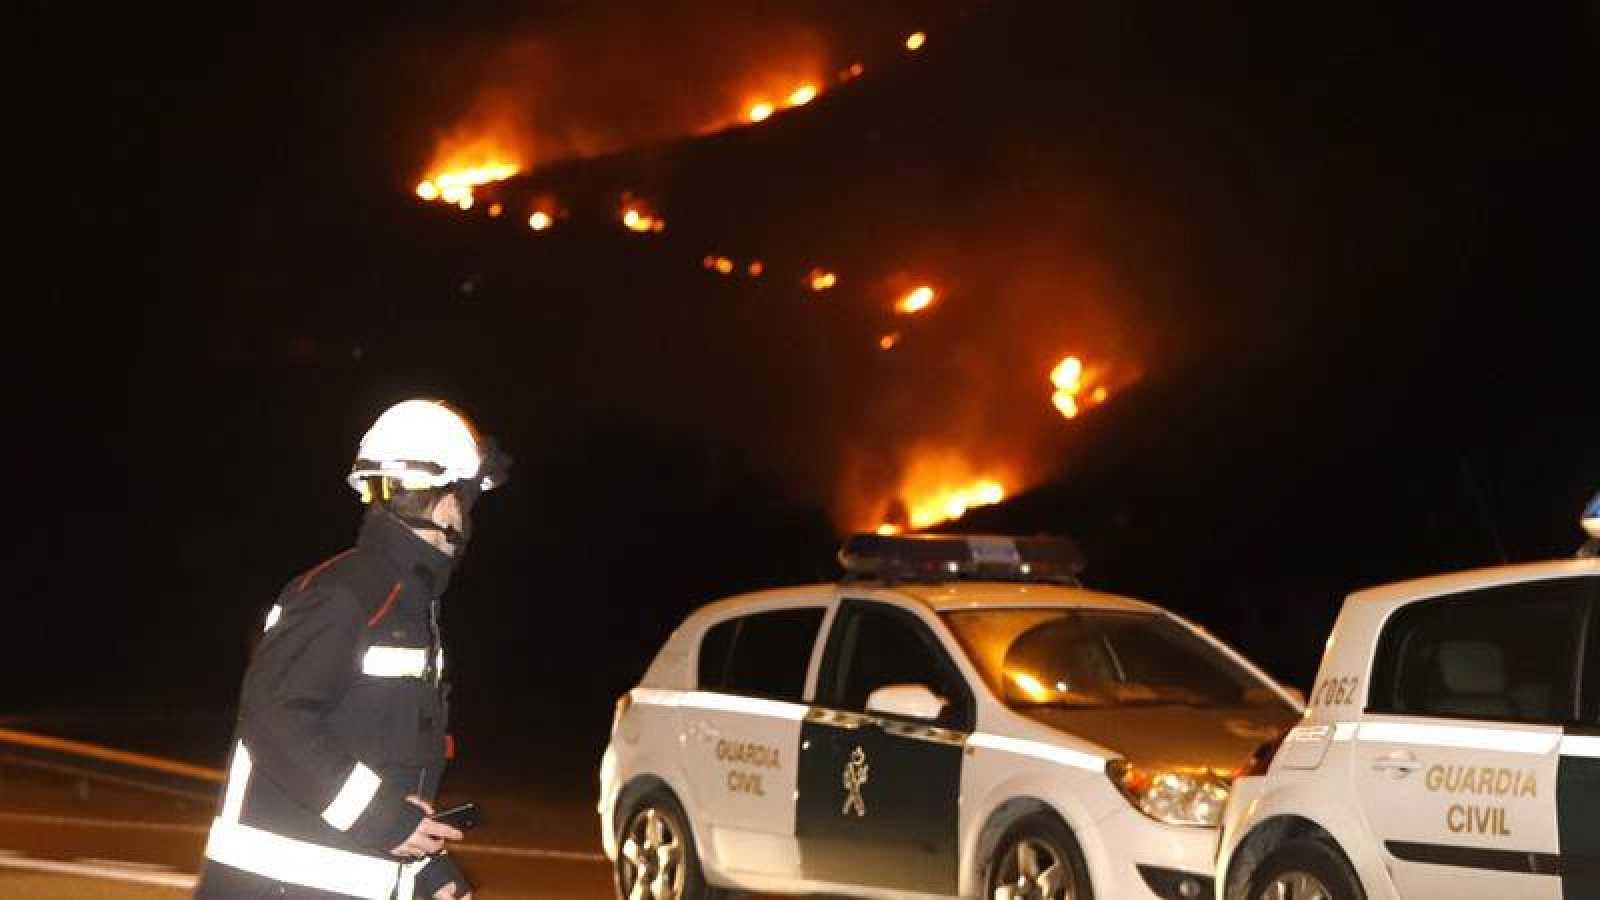 Vista del incendio en Coll de Síller, entre Pollença y el Port de Pollença